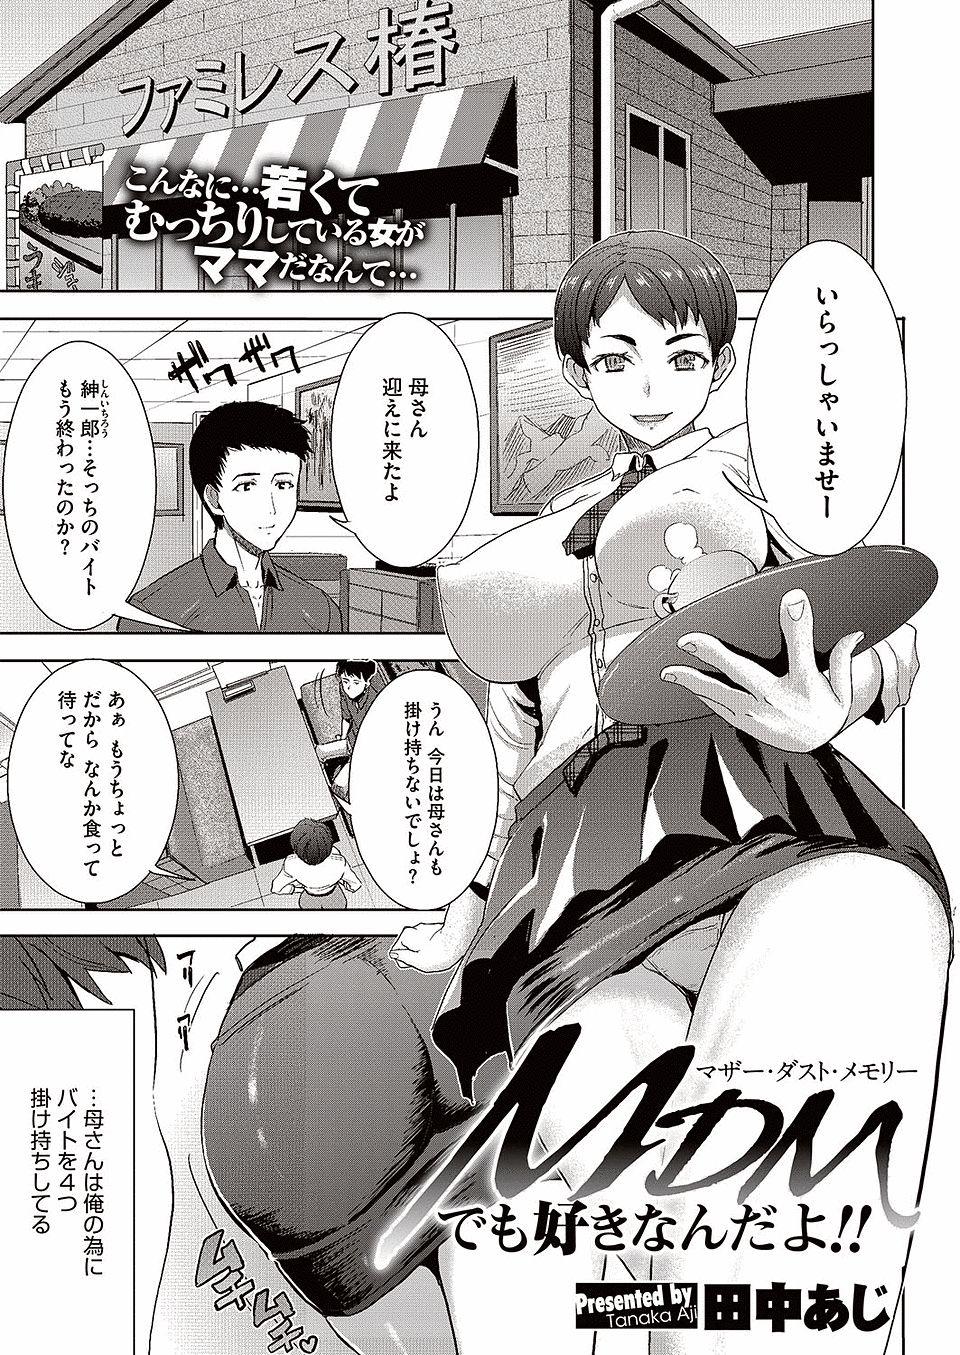 【エロ漫画・エロ同人誌】巨乳母が再婚相手のチャラ男と変態セックスしてるんだがwww